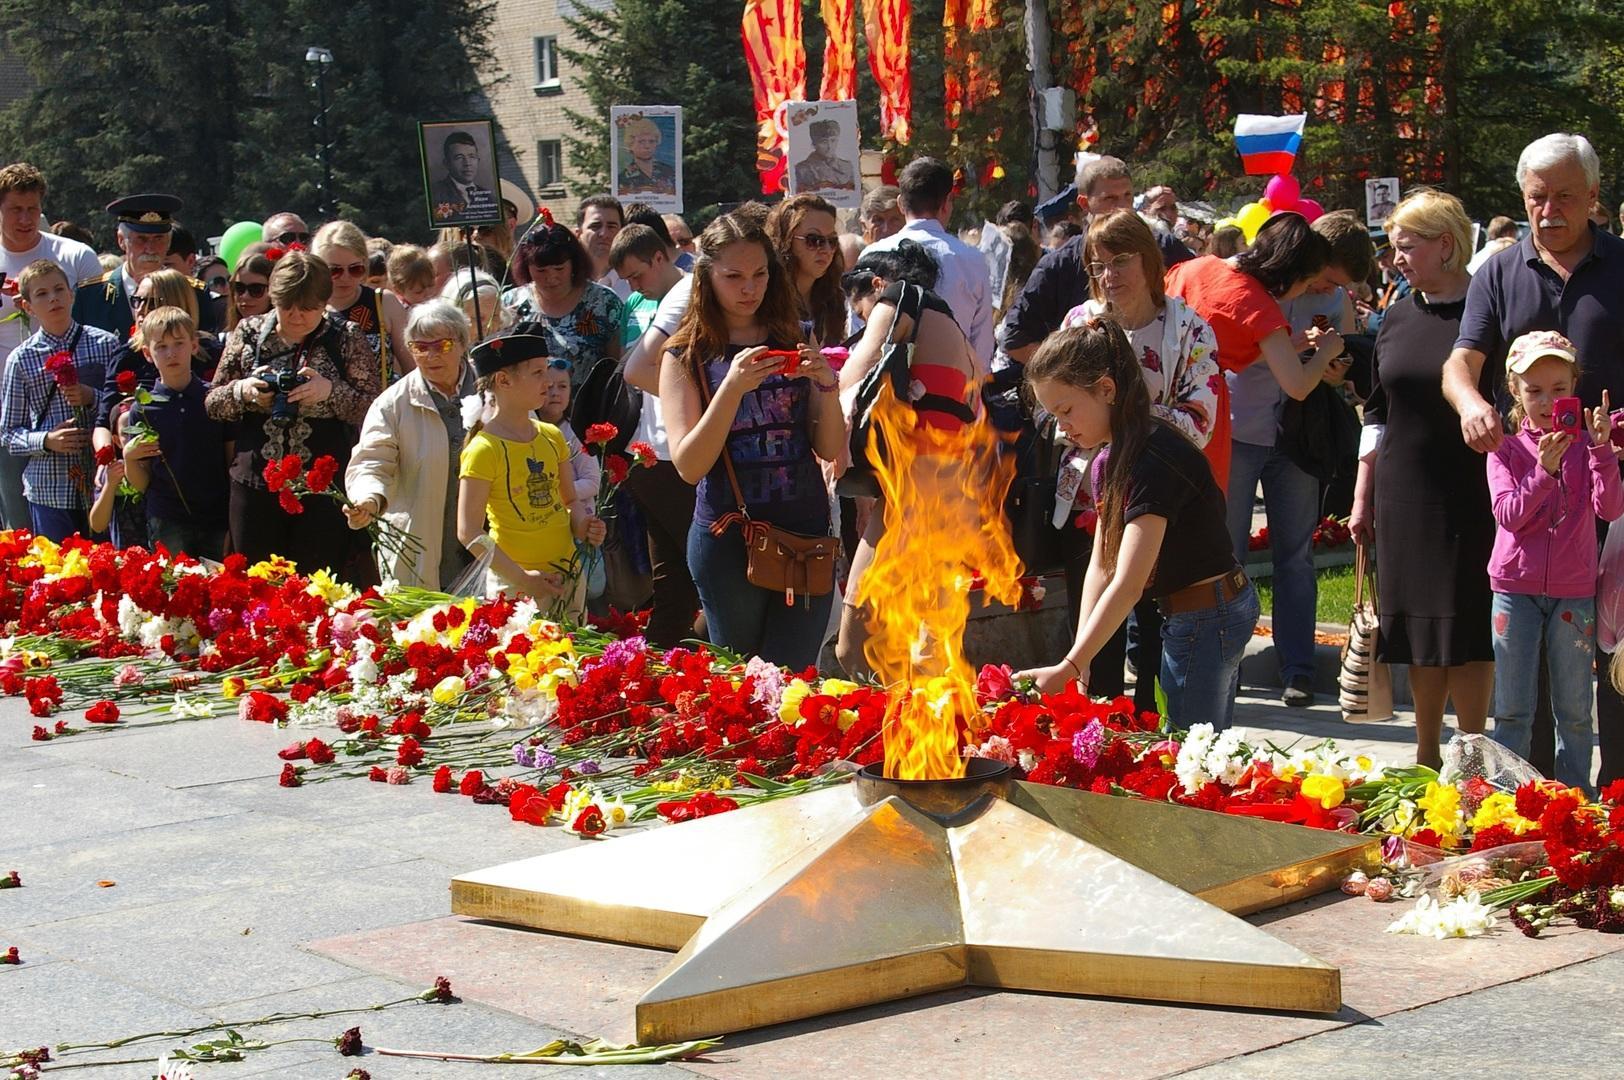 Юлия Самойлова возглавила шествие «Бессмертный полк» вЛиссабоне